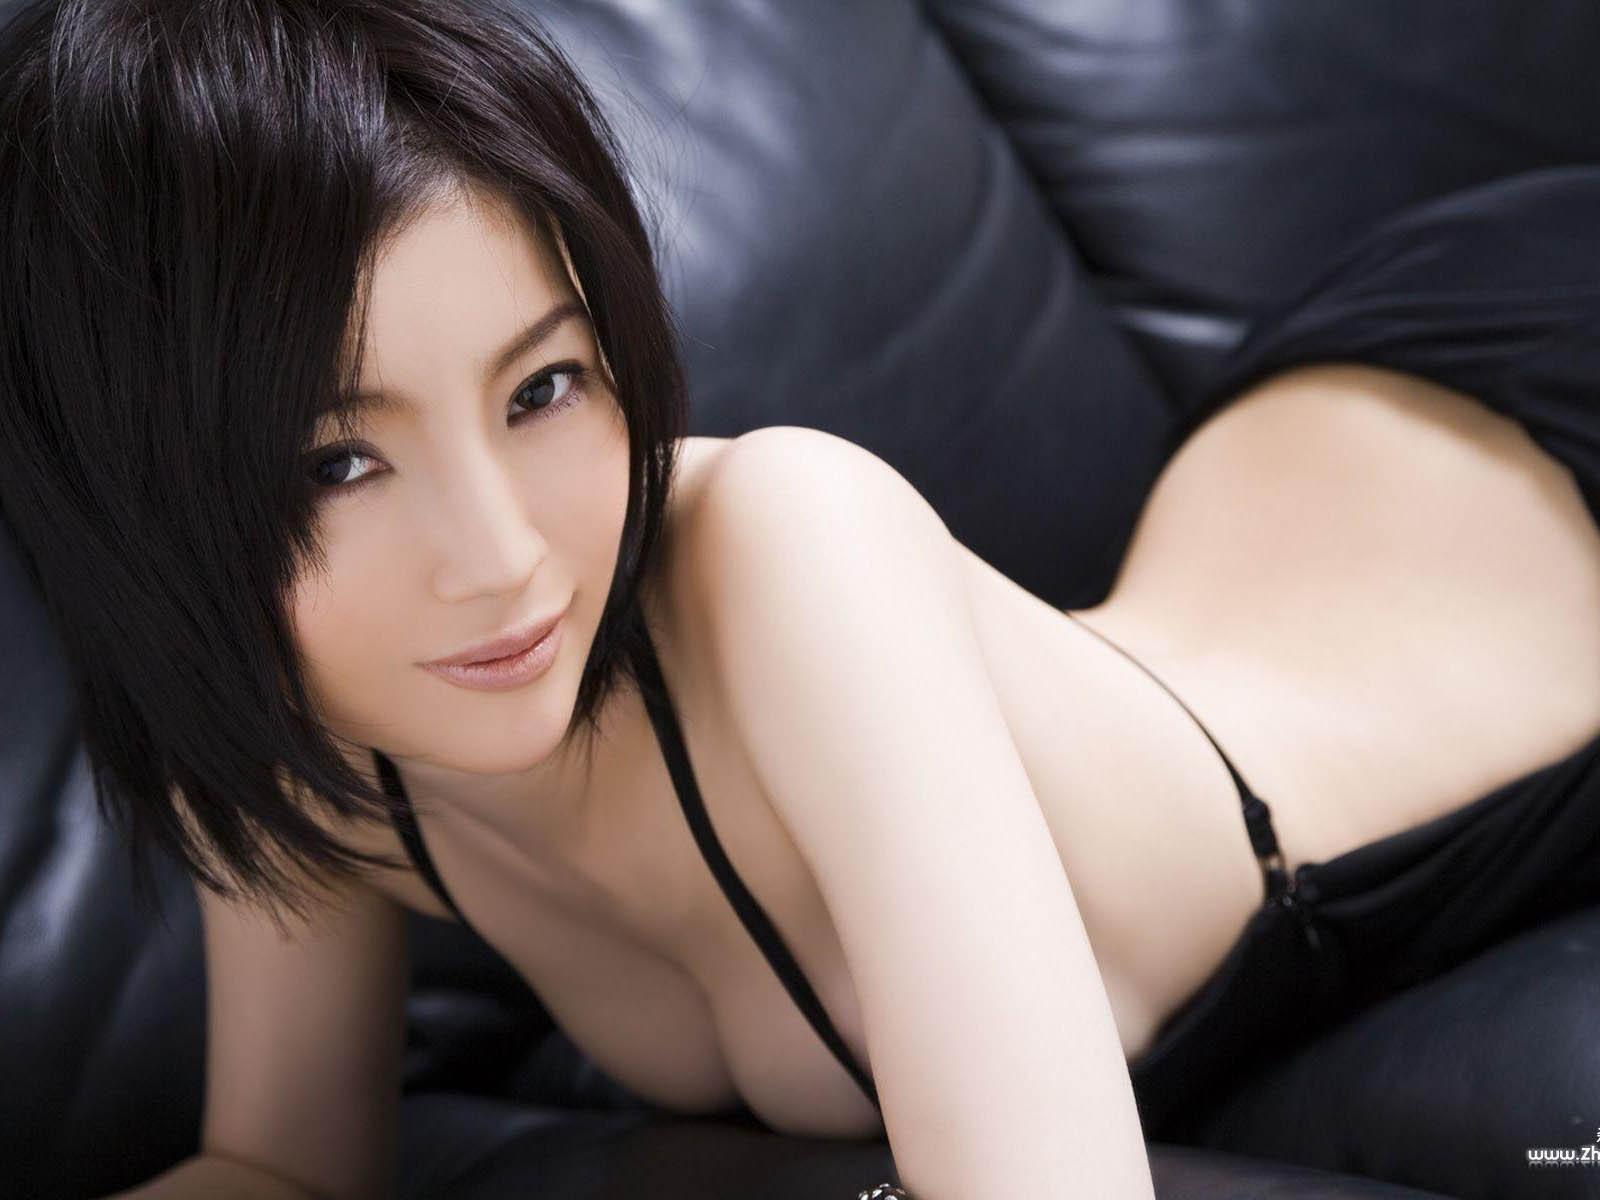 Красивые девушки японки фото